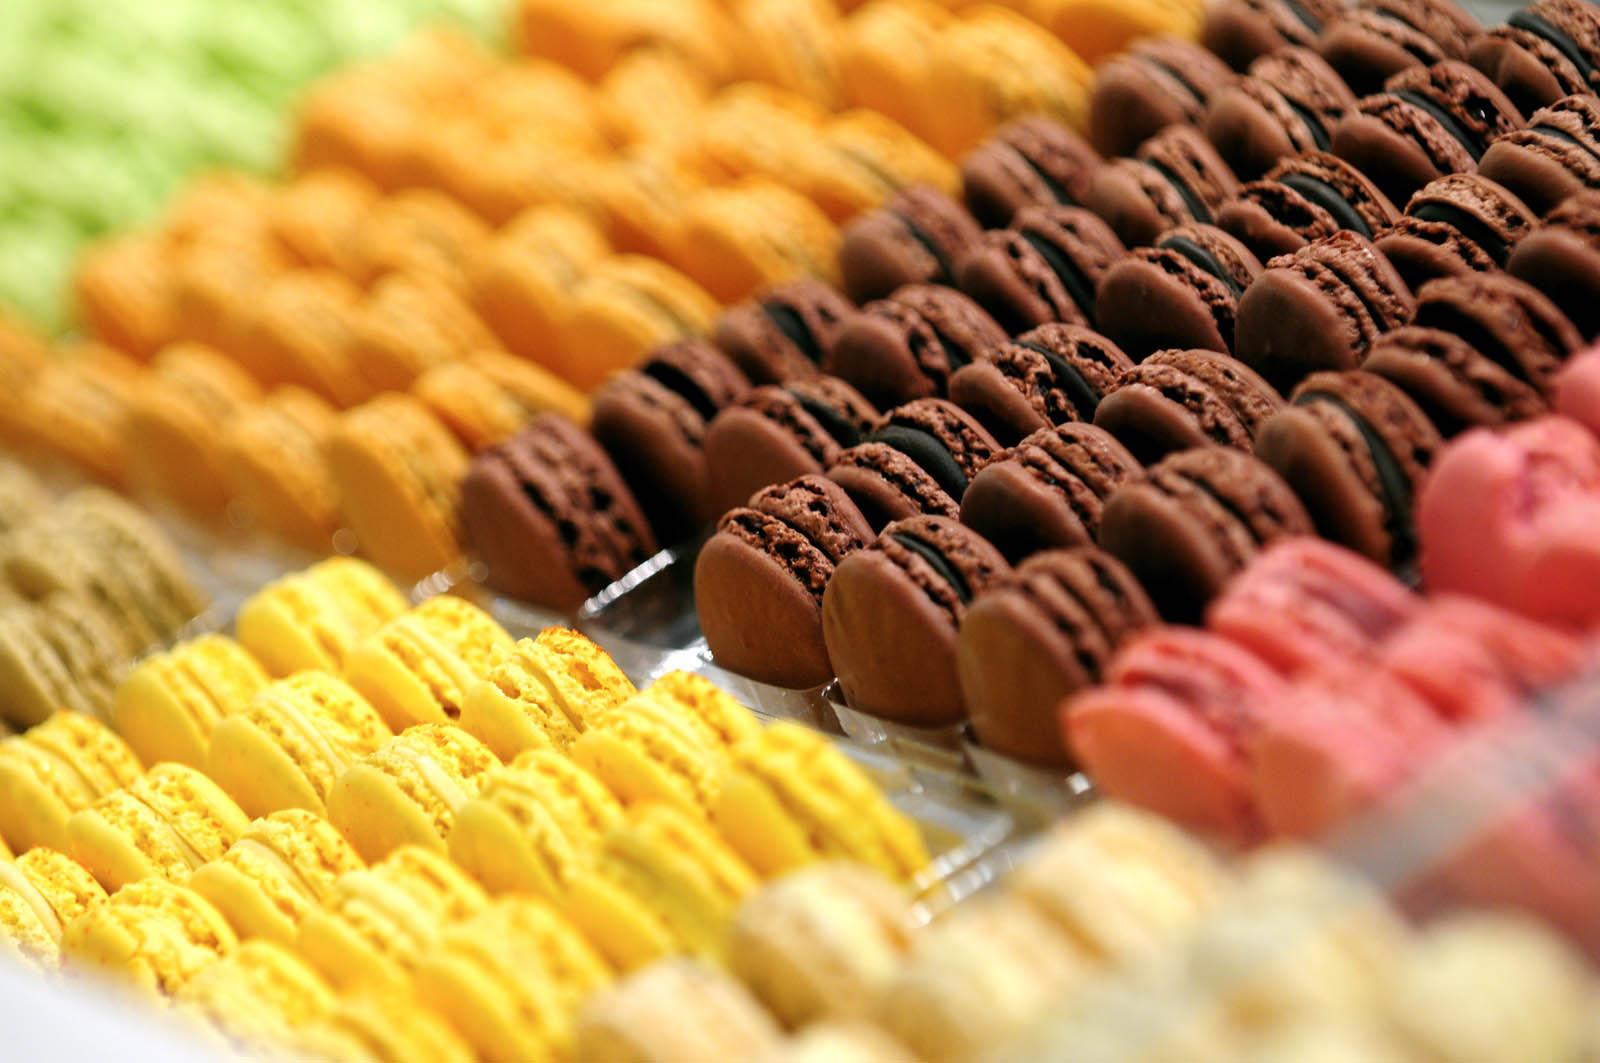 Présentation de macarons